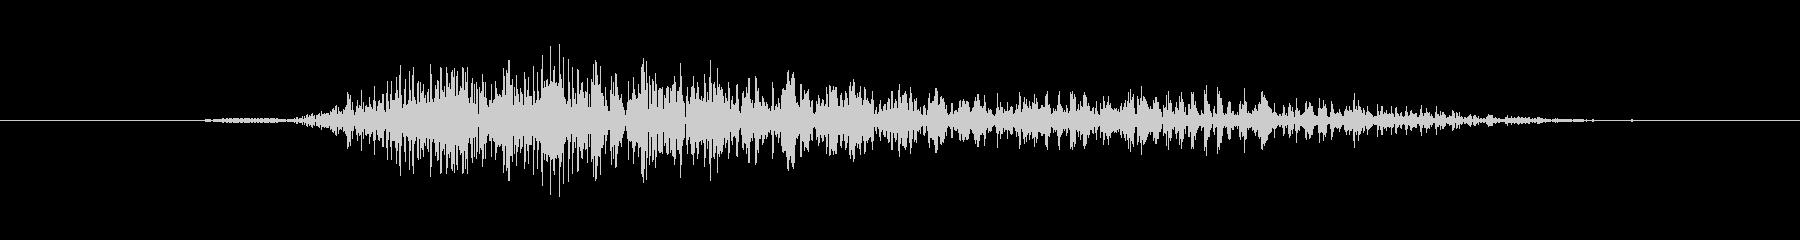 ヒューマノイド 魔女の叫びショート01の未再生の波形